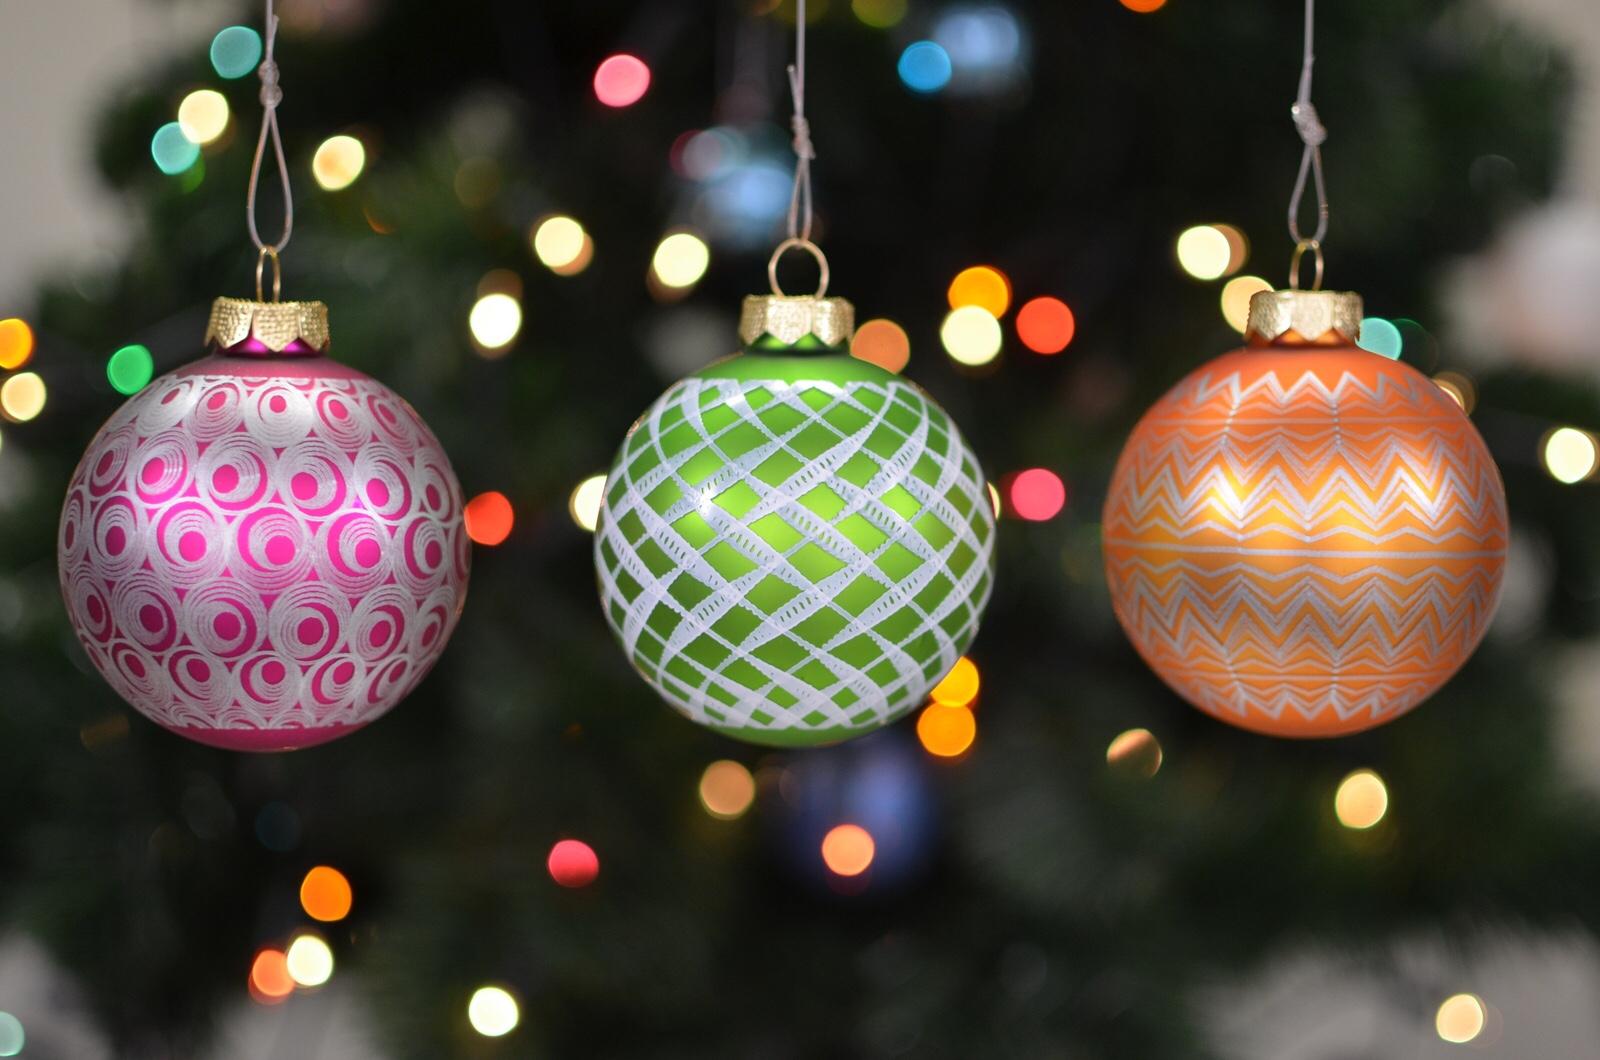 Enjoy The Hypnotizing Motion Of These Stroboscopic Ornaments